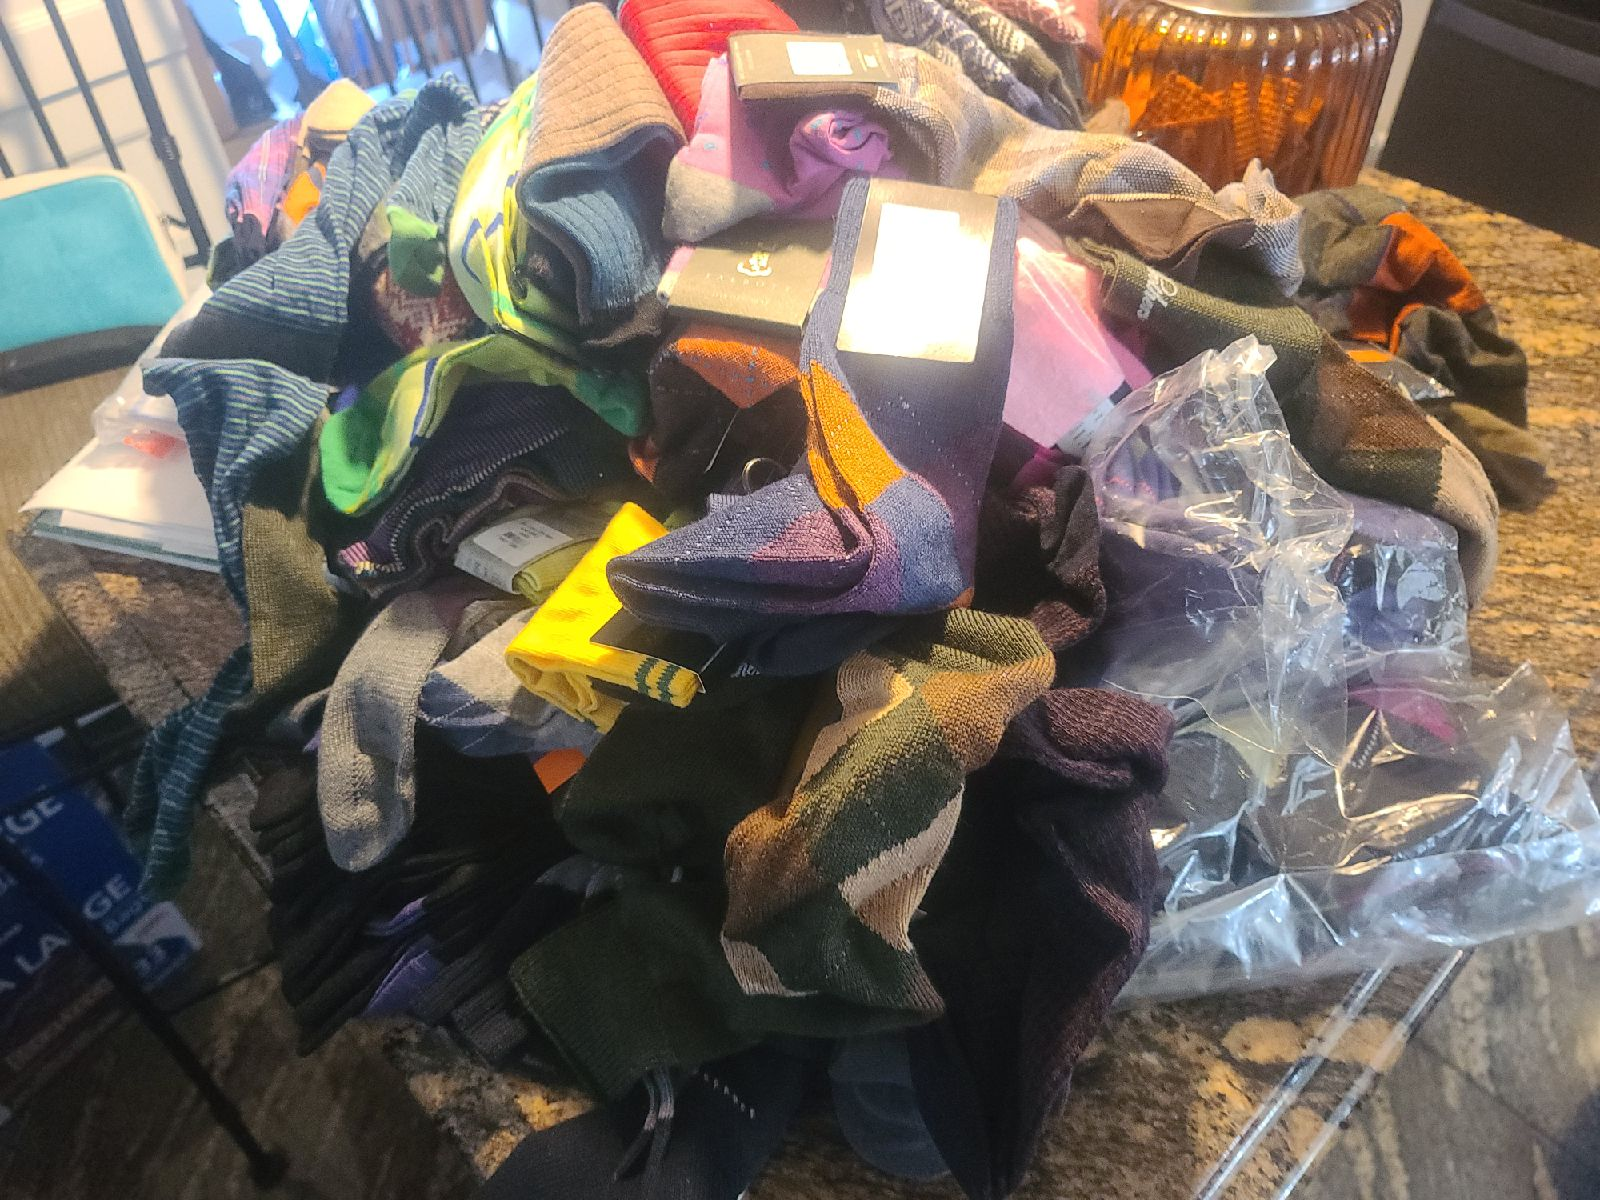 100 pair of socks Brand names brand new